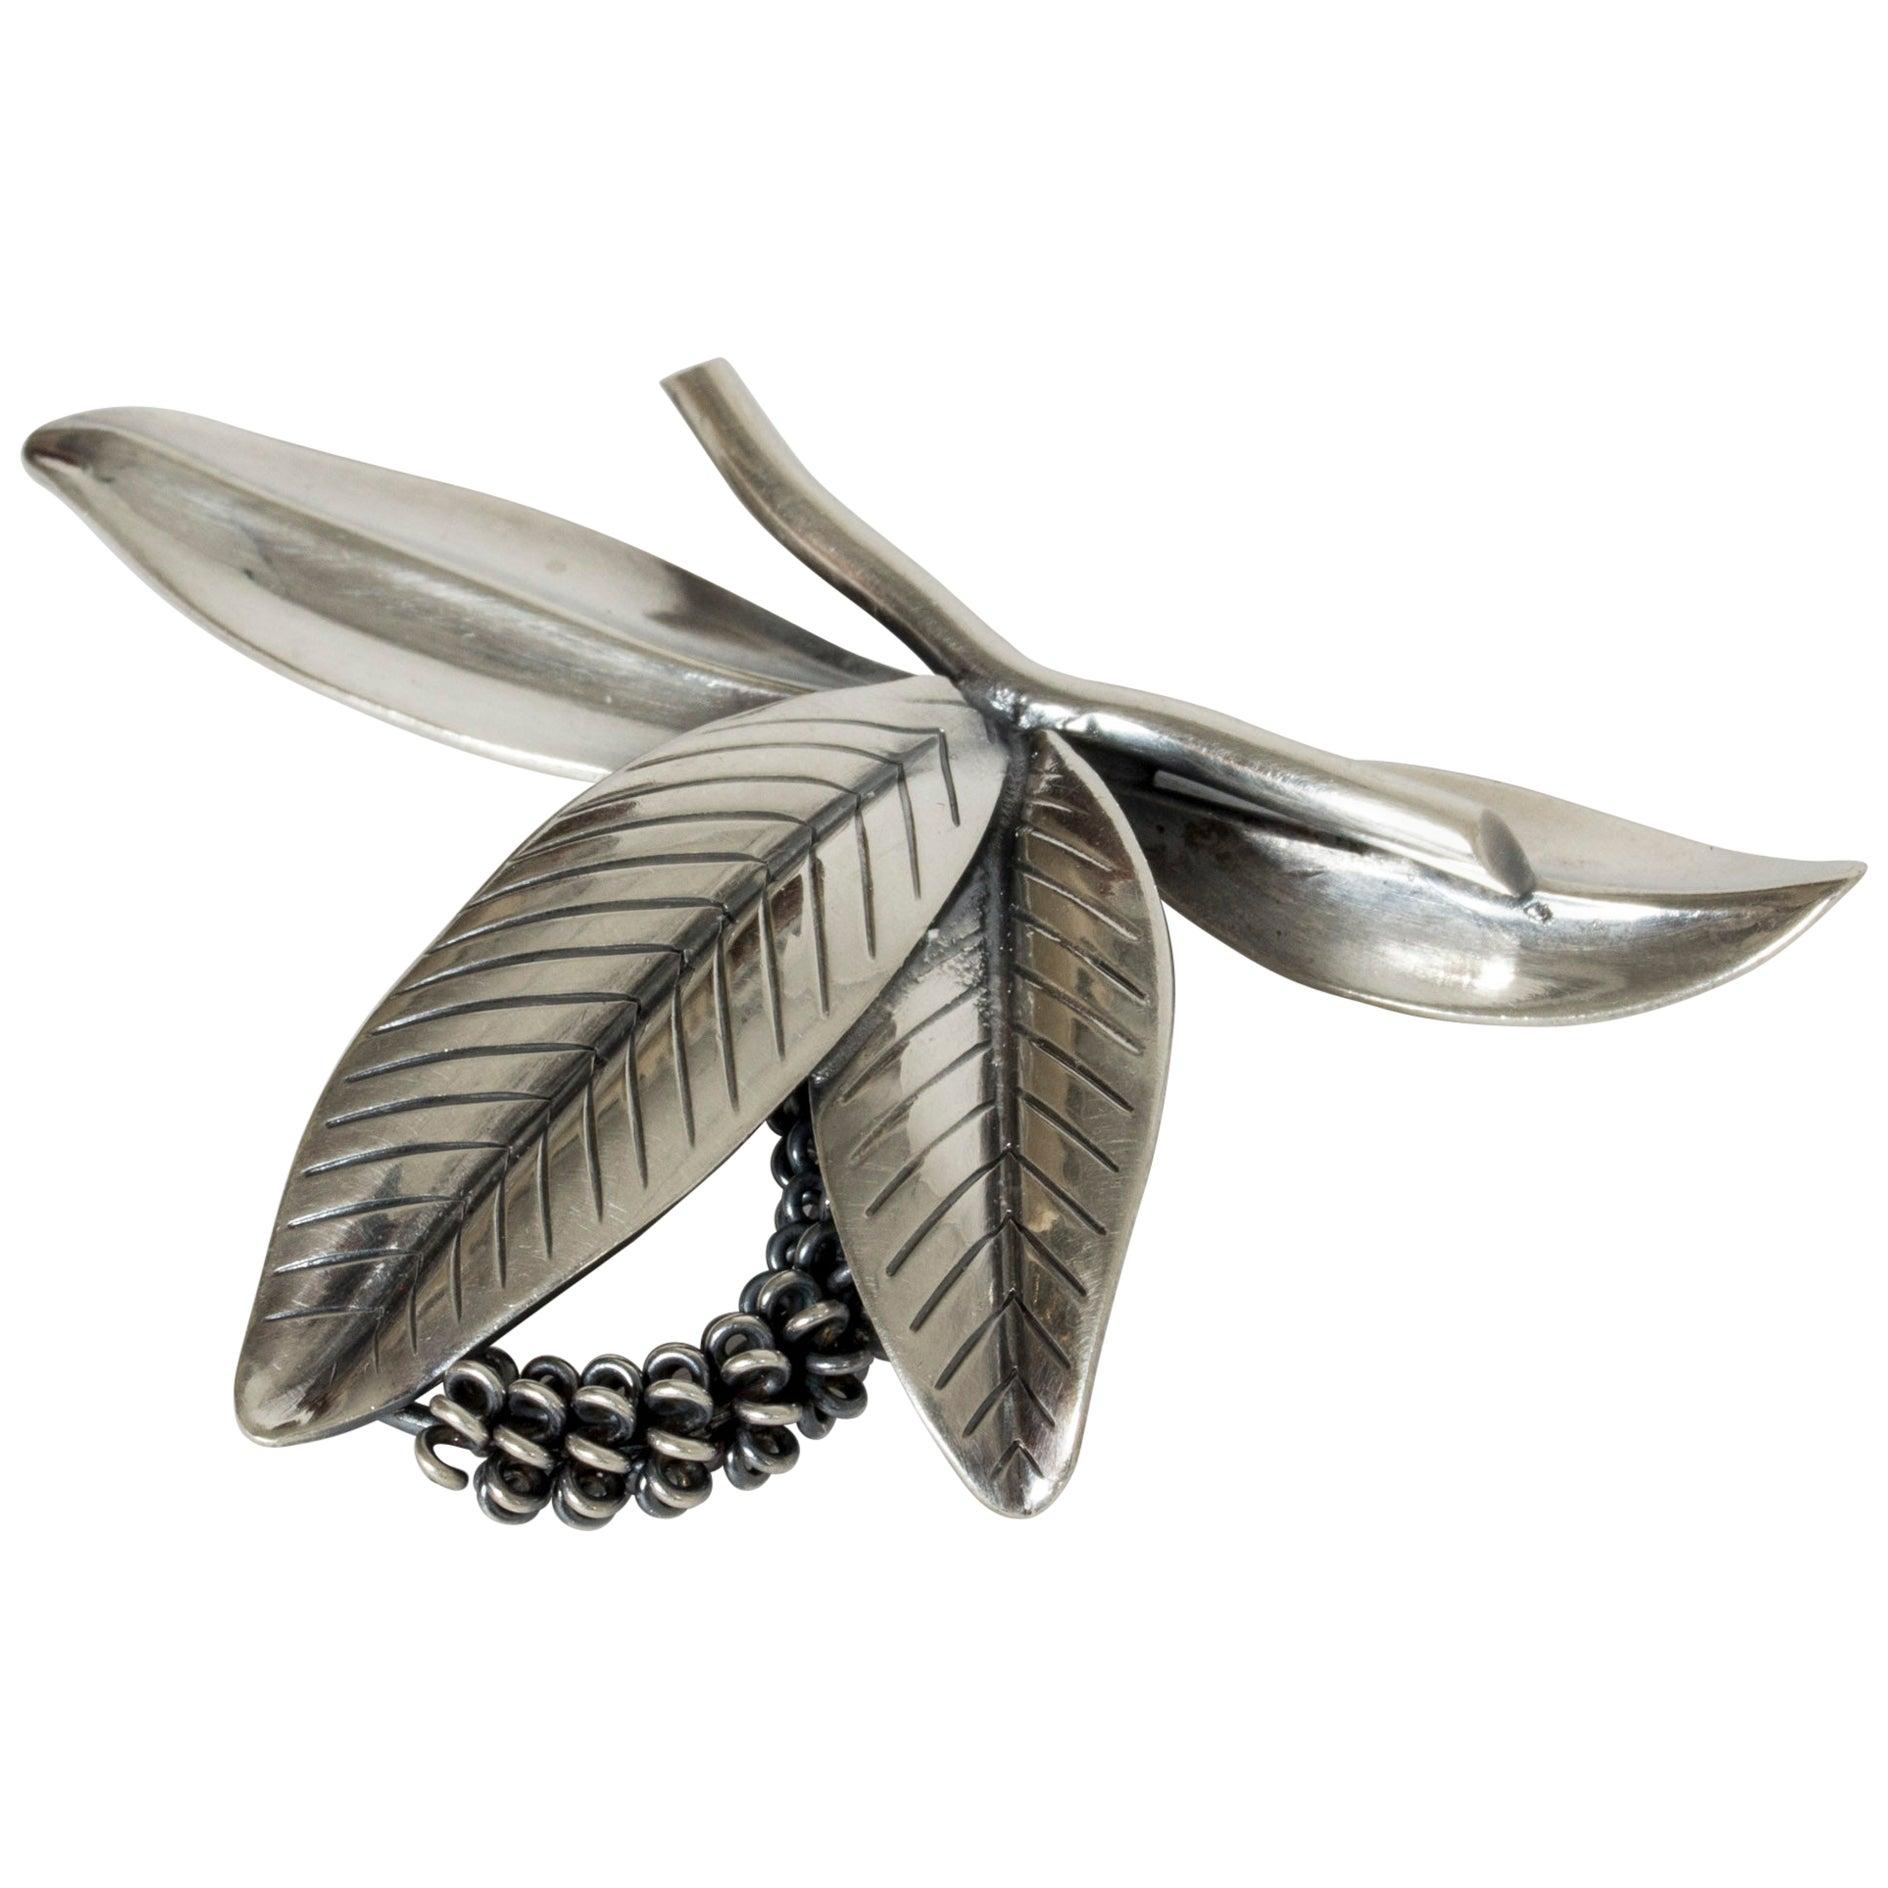 Silver Brooch by Gertrud Engel for Michelsen, Denmark, 1940s